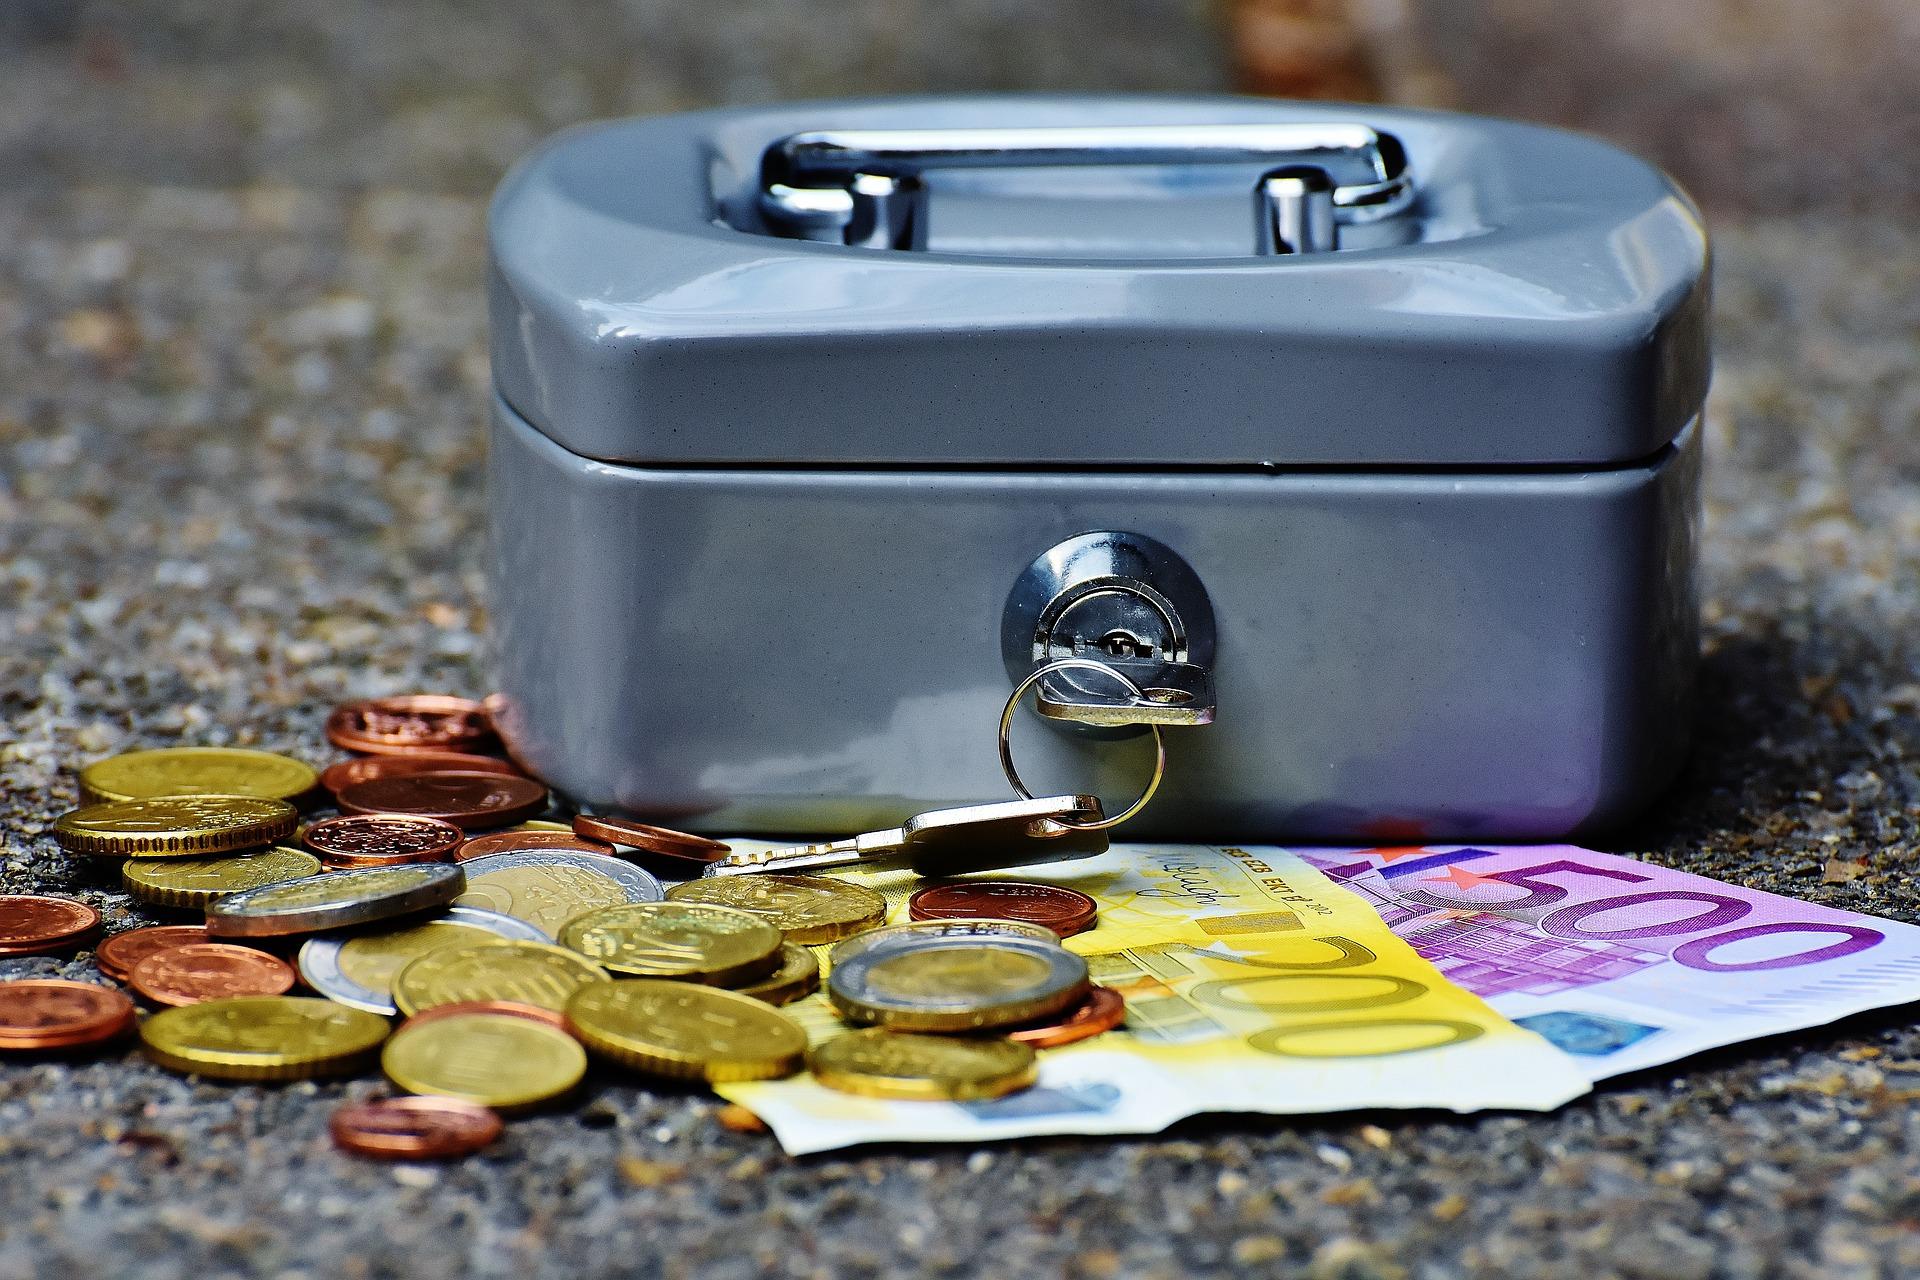 wie finanziert man eine weltreise? indem man sein geld versteckt